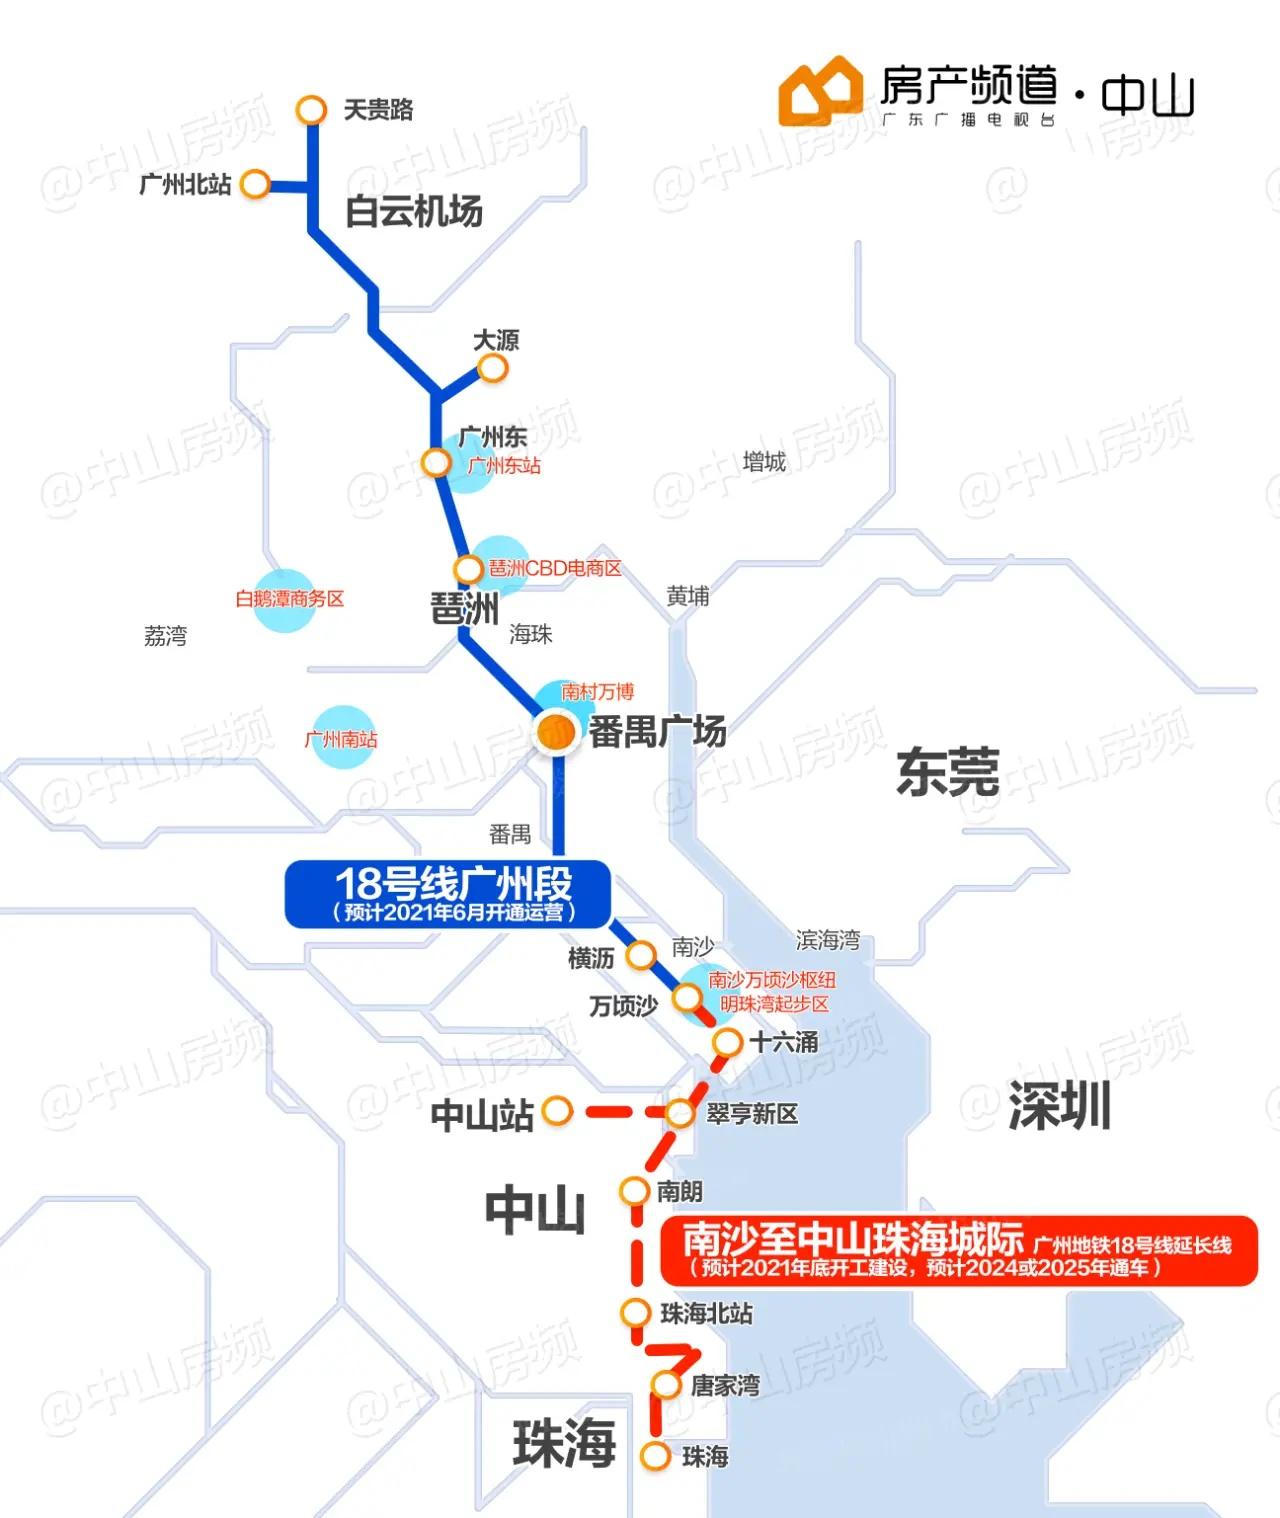 广州至珠海(中山)城际铁路